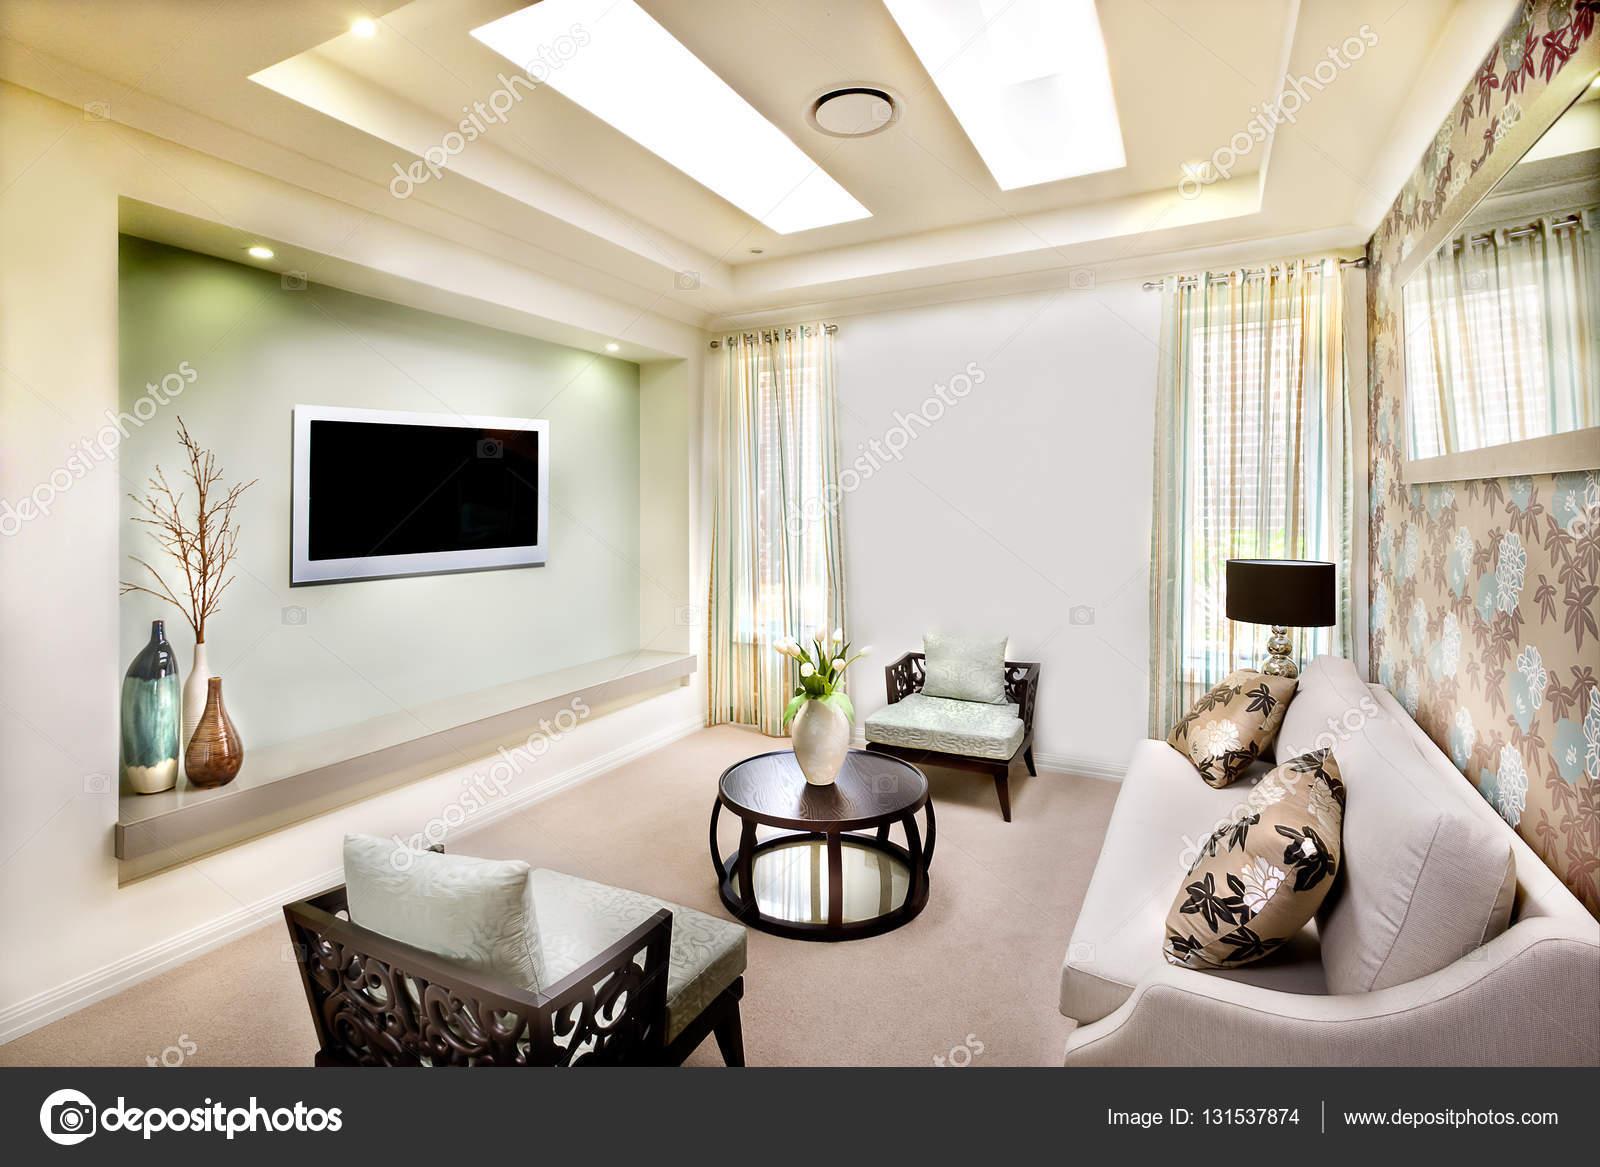 Design Woonkamer Decoratie : Woonkamer interieur design van een moderne woning met perfecte